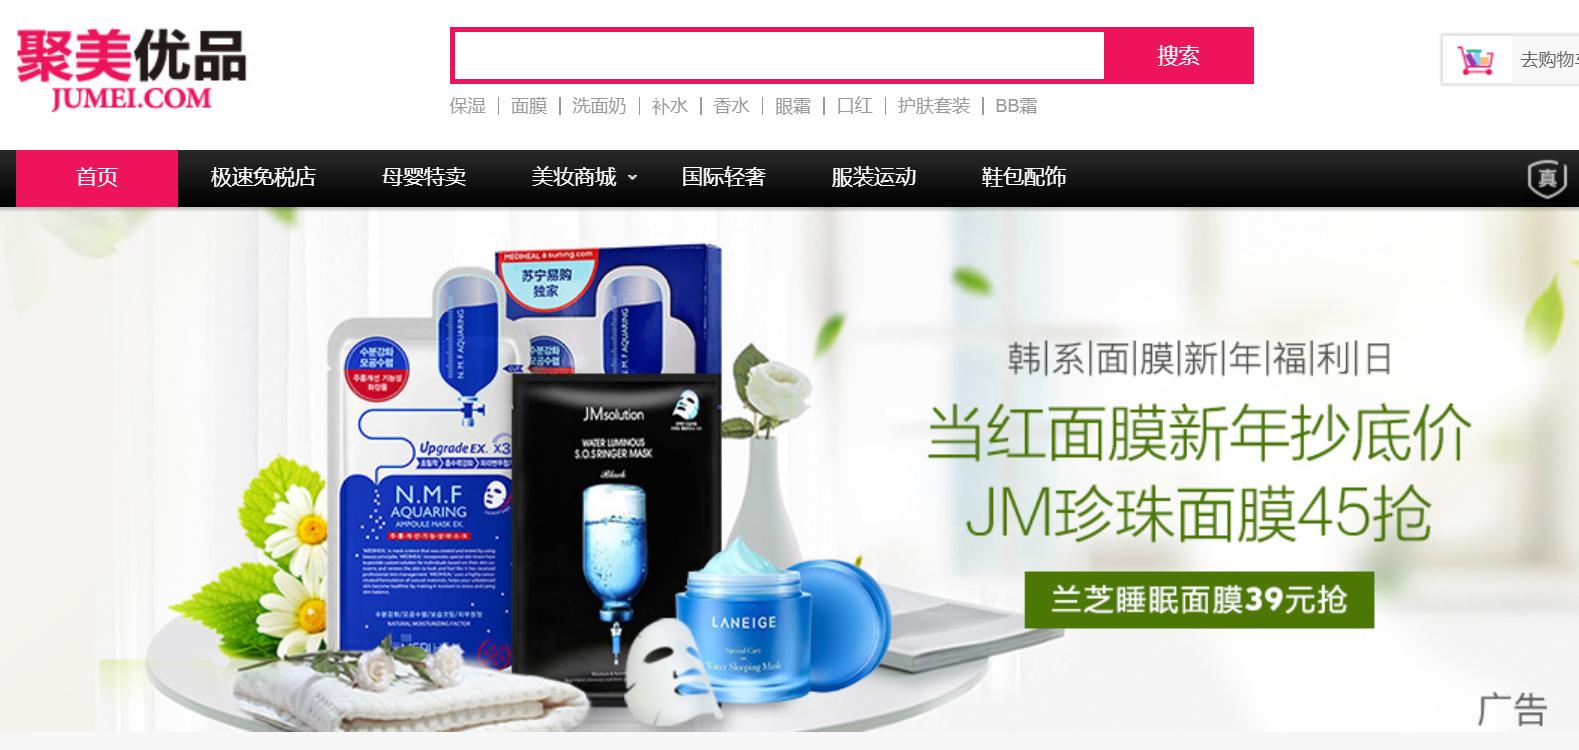 Jumei Shares Soar 9% on Buyout Offer